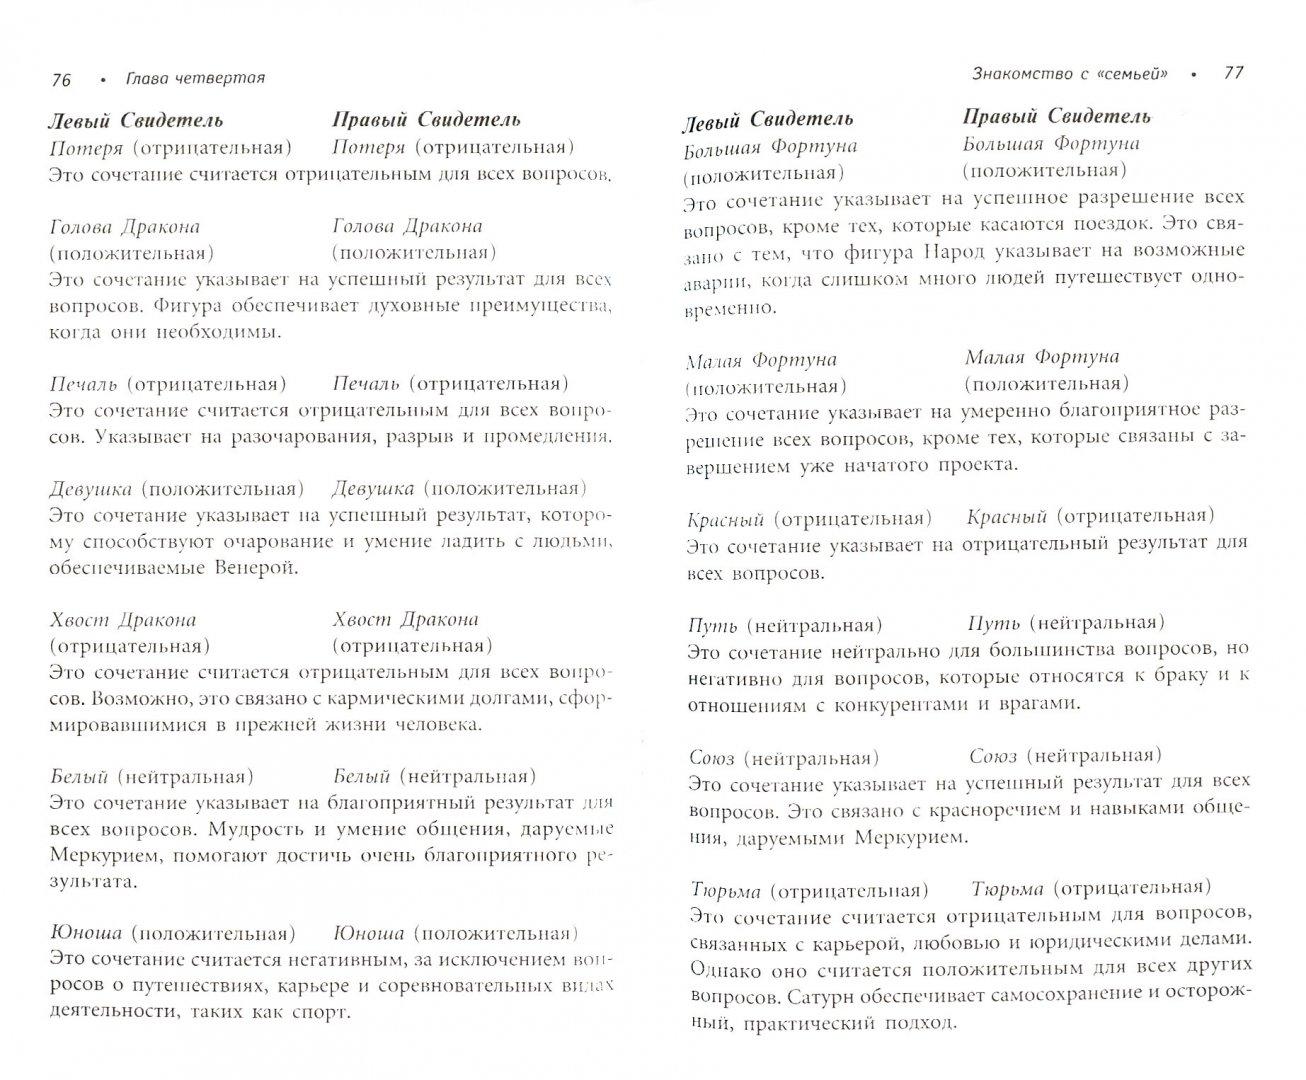 Иллюстрация 1 из 16 для Геомантия для начинающих. Простые методы получения предсказаний по земле - Ричард Вебстер | Лабиринт - книги. Источник: Лабиринт